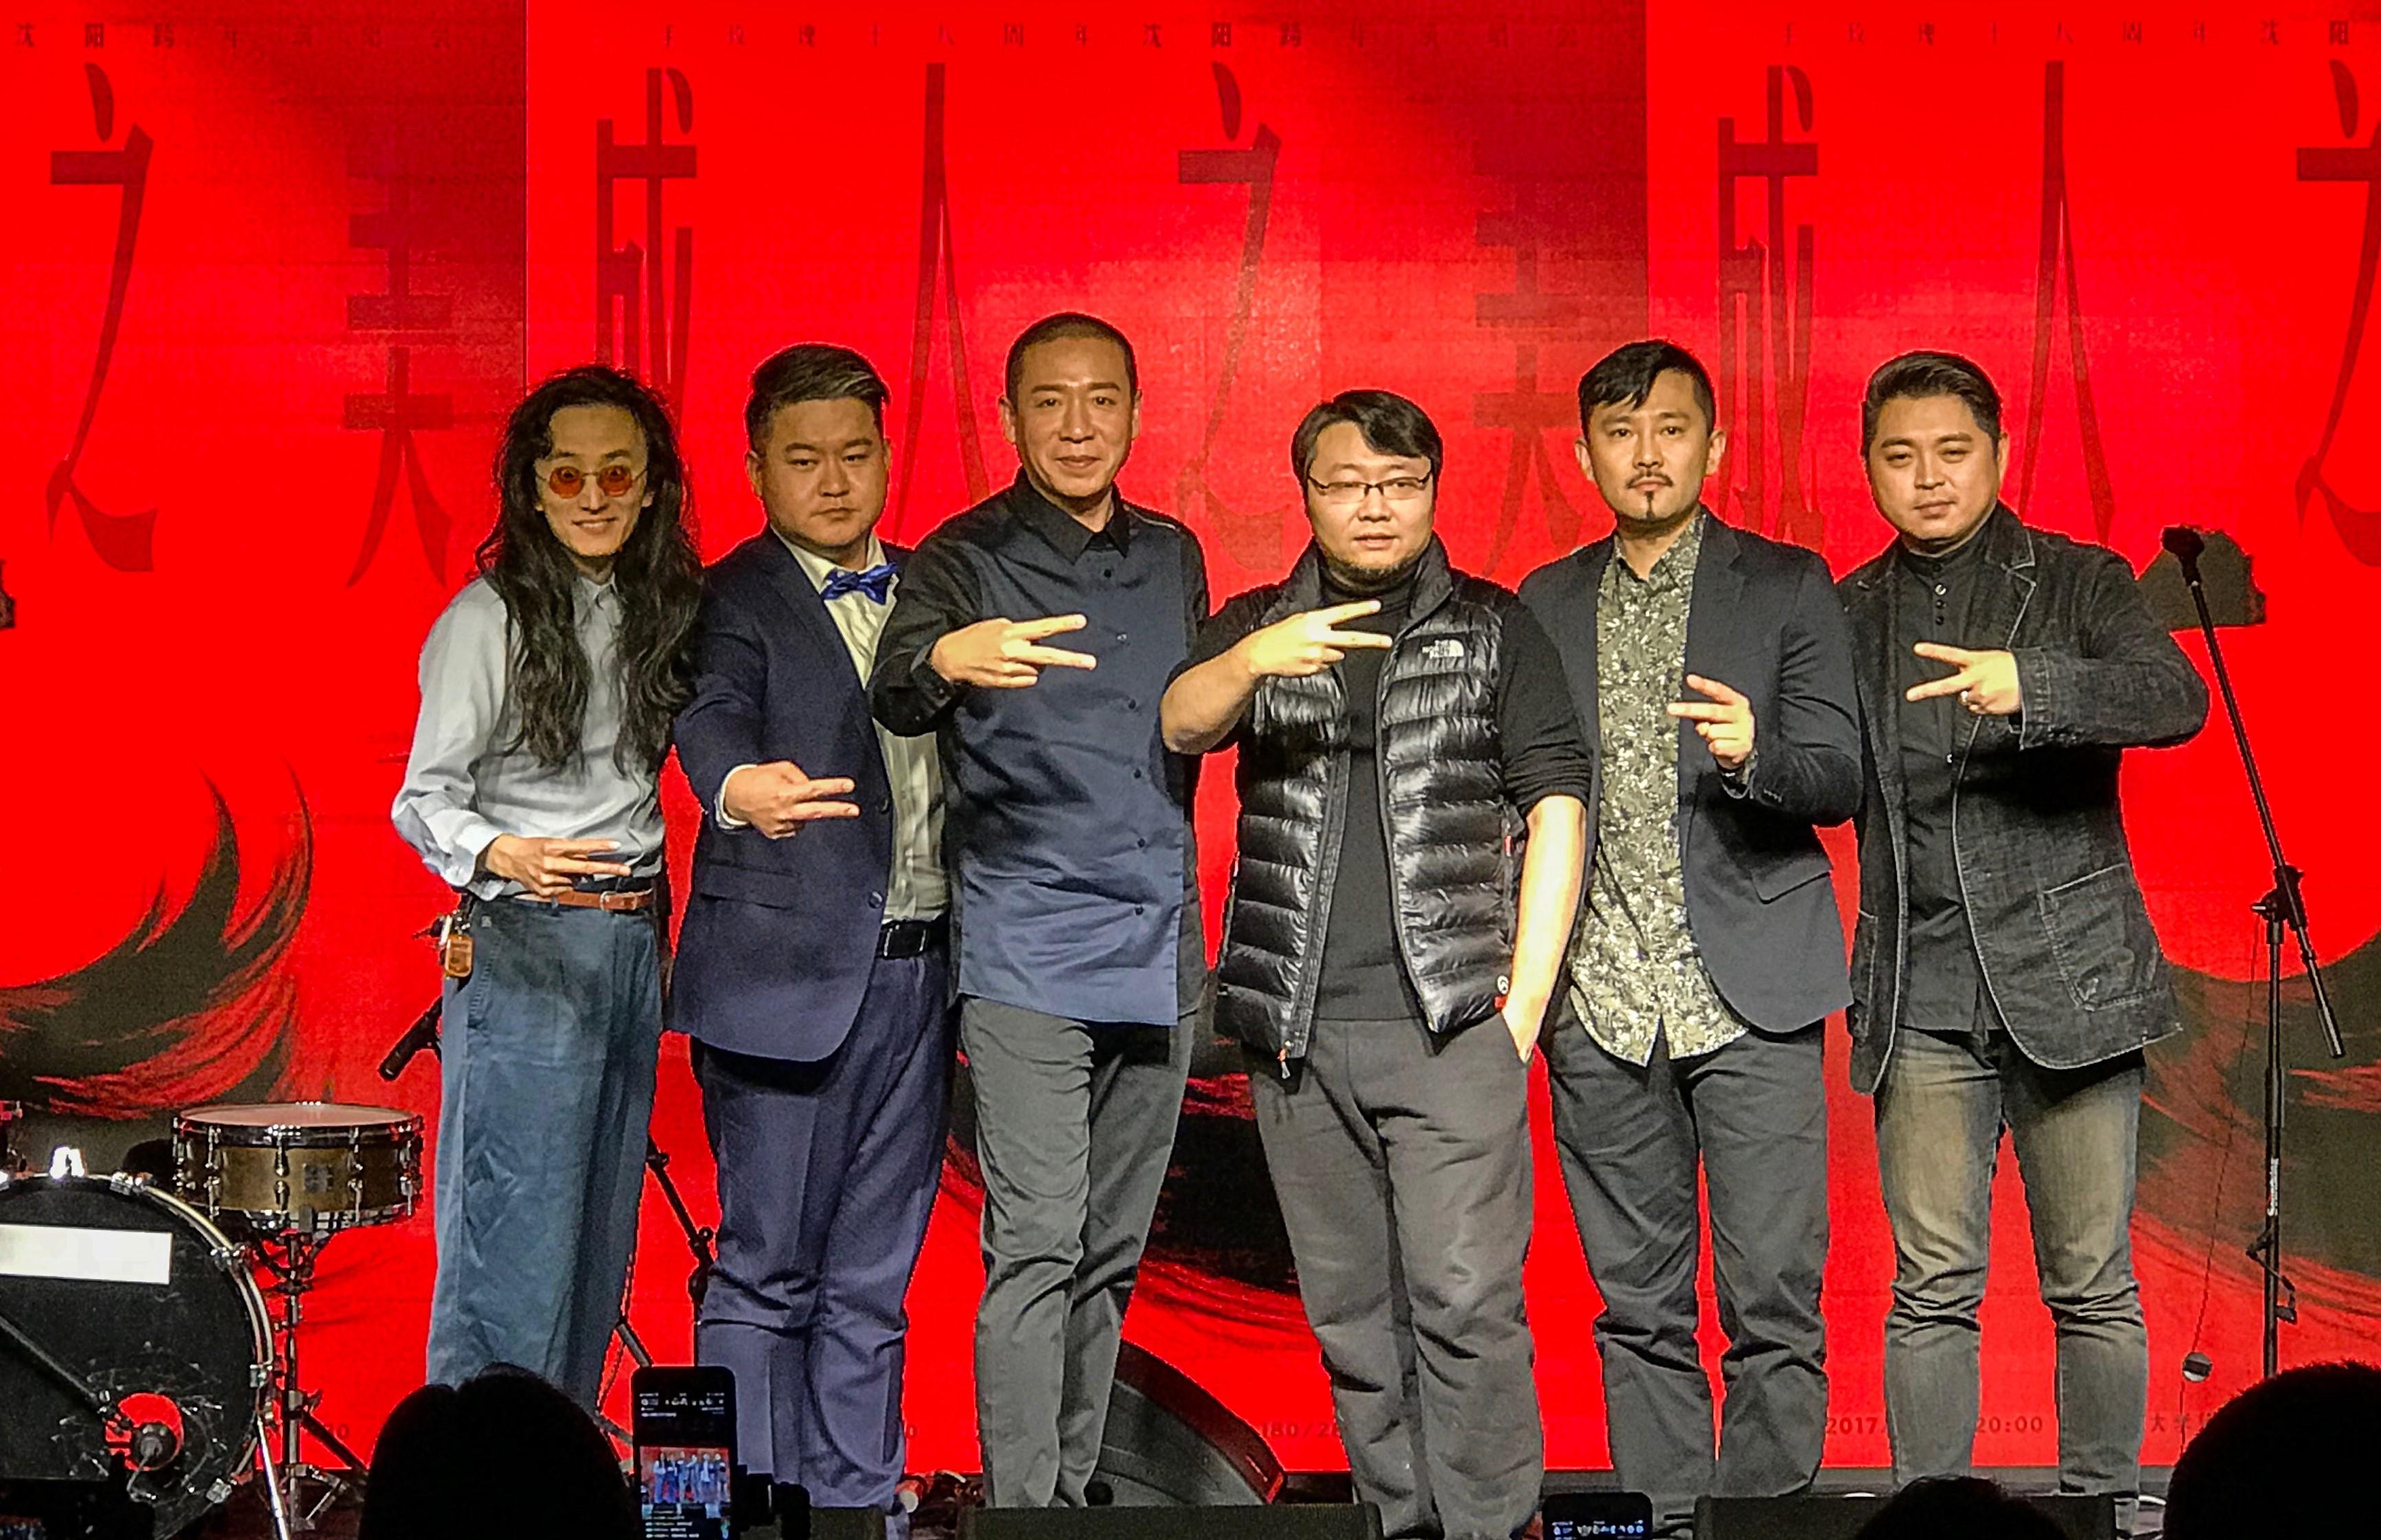 二手玫瑰沈阳跨年演唱会启动 新专辑歌曲将首度曝光